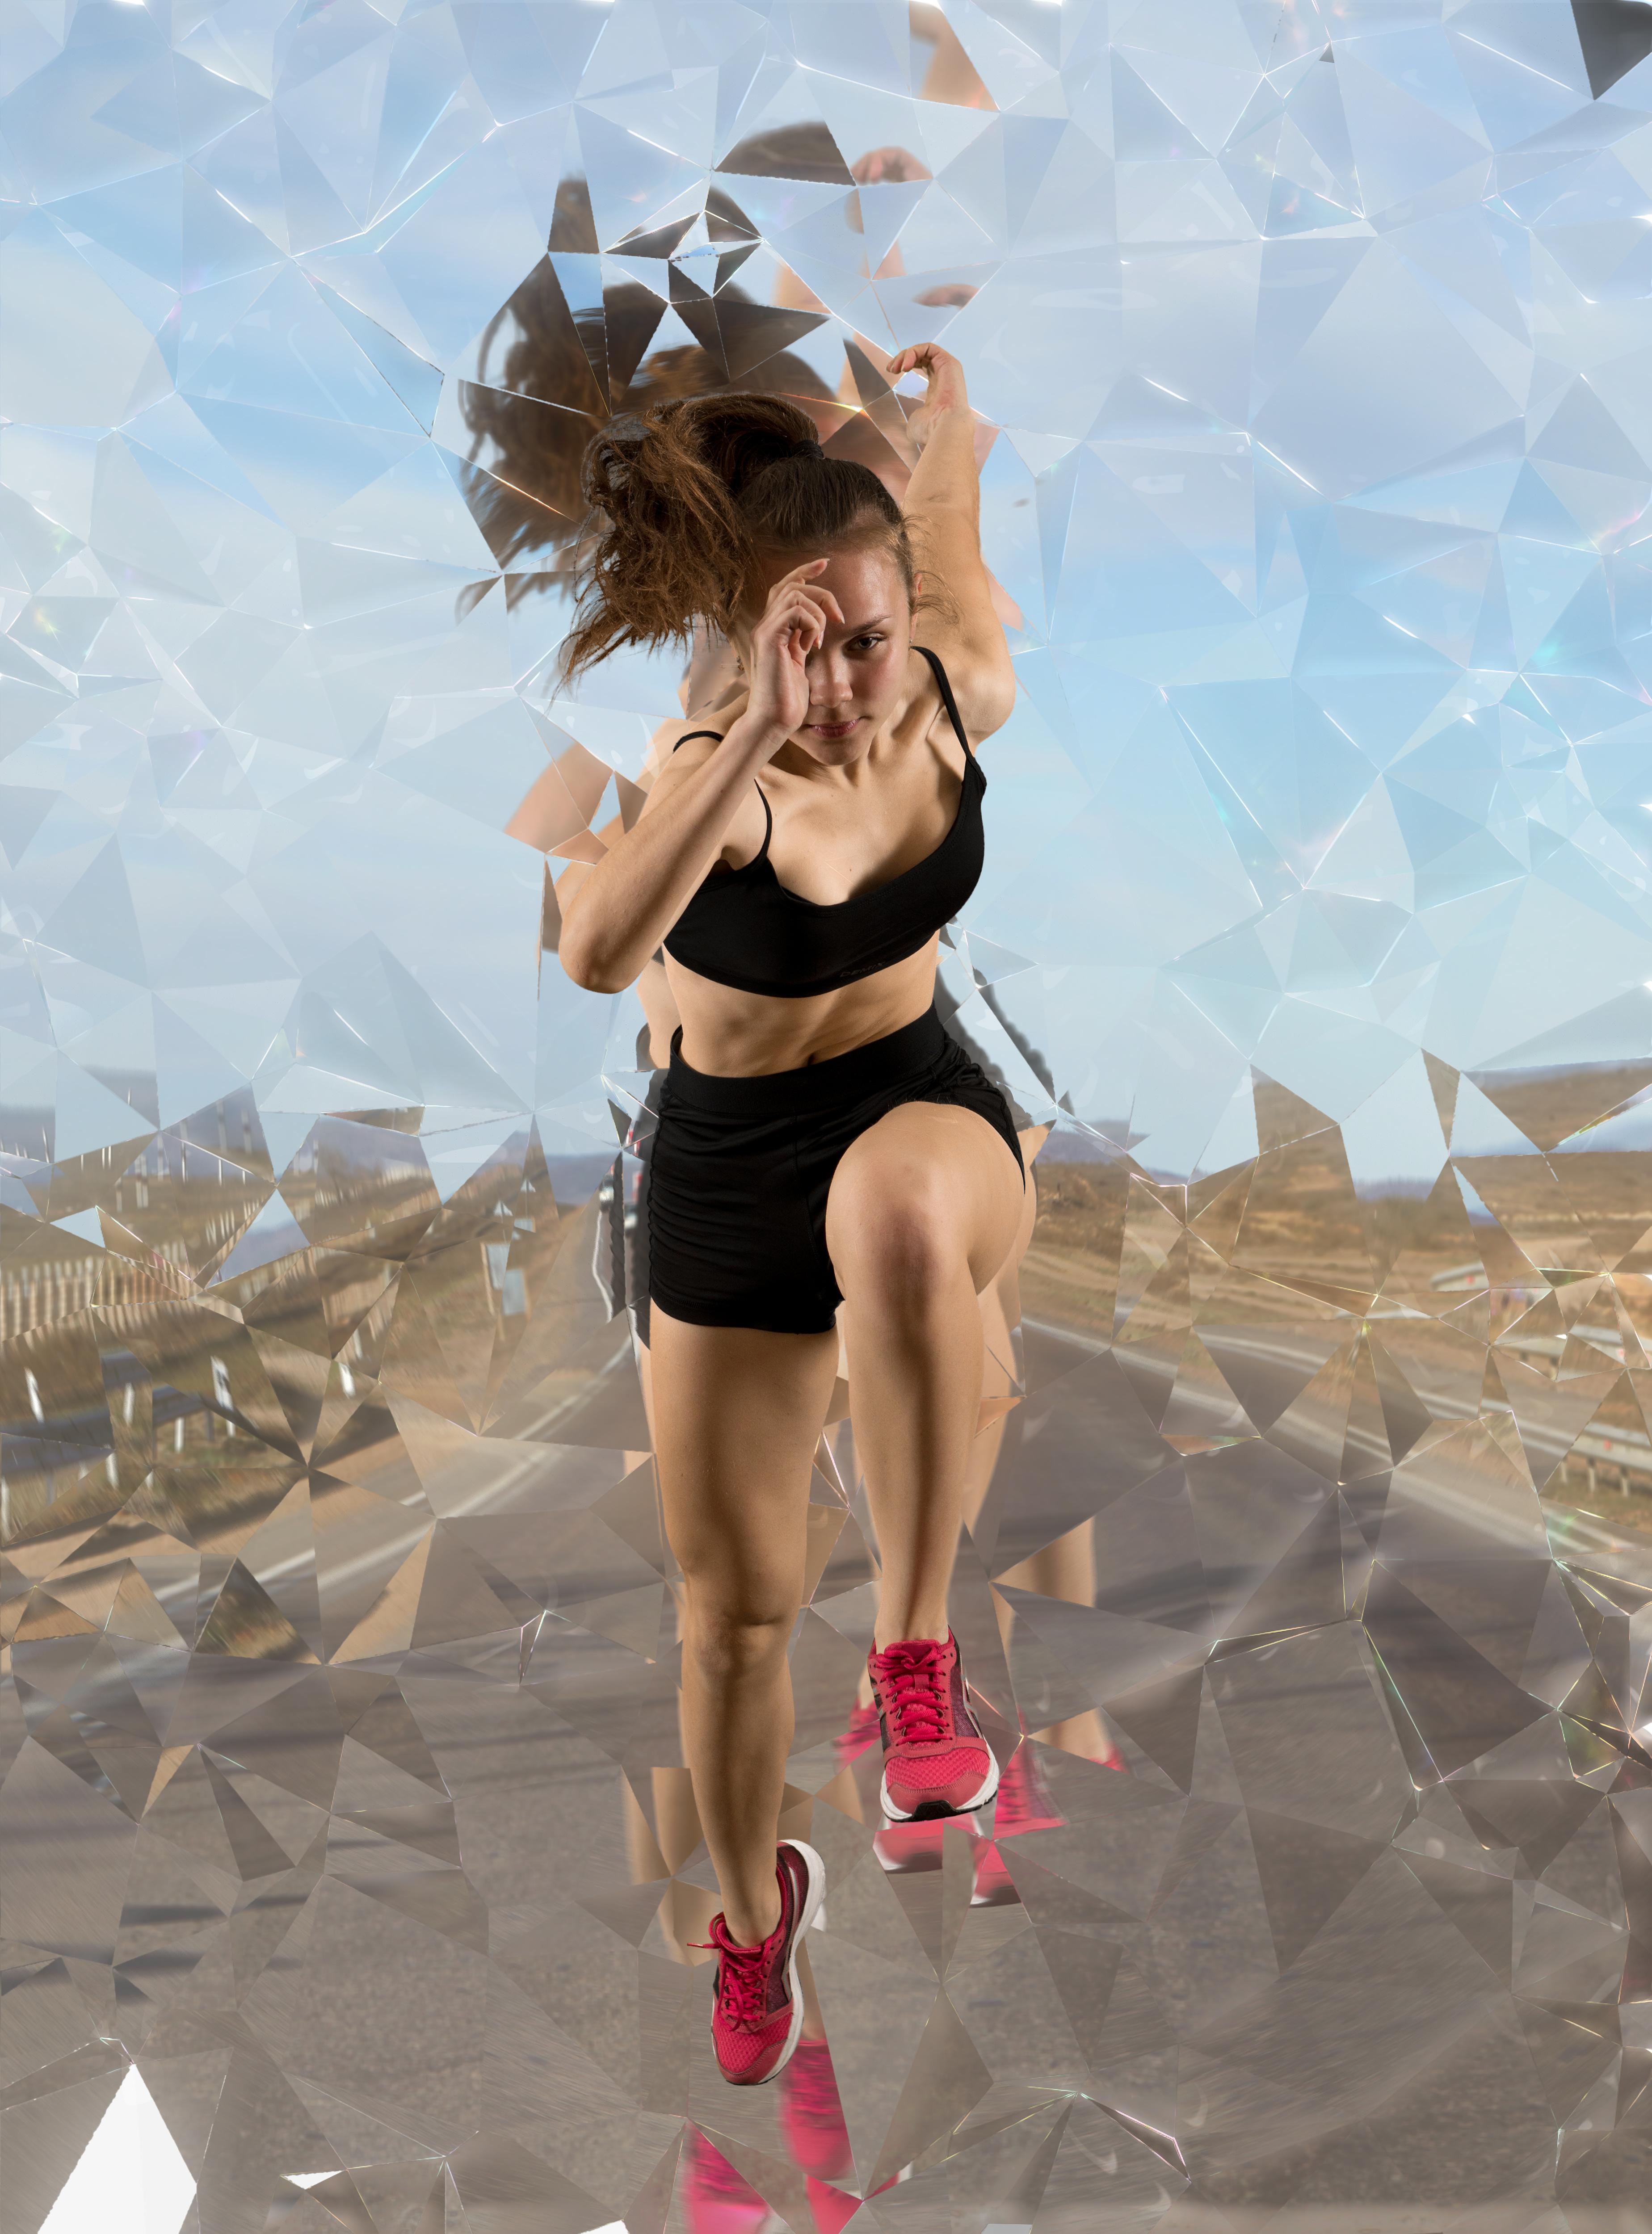 HRT runner image